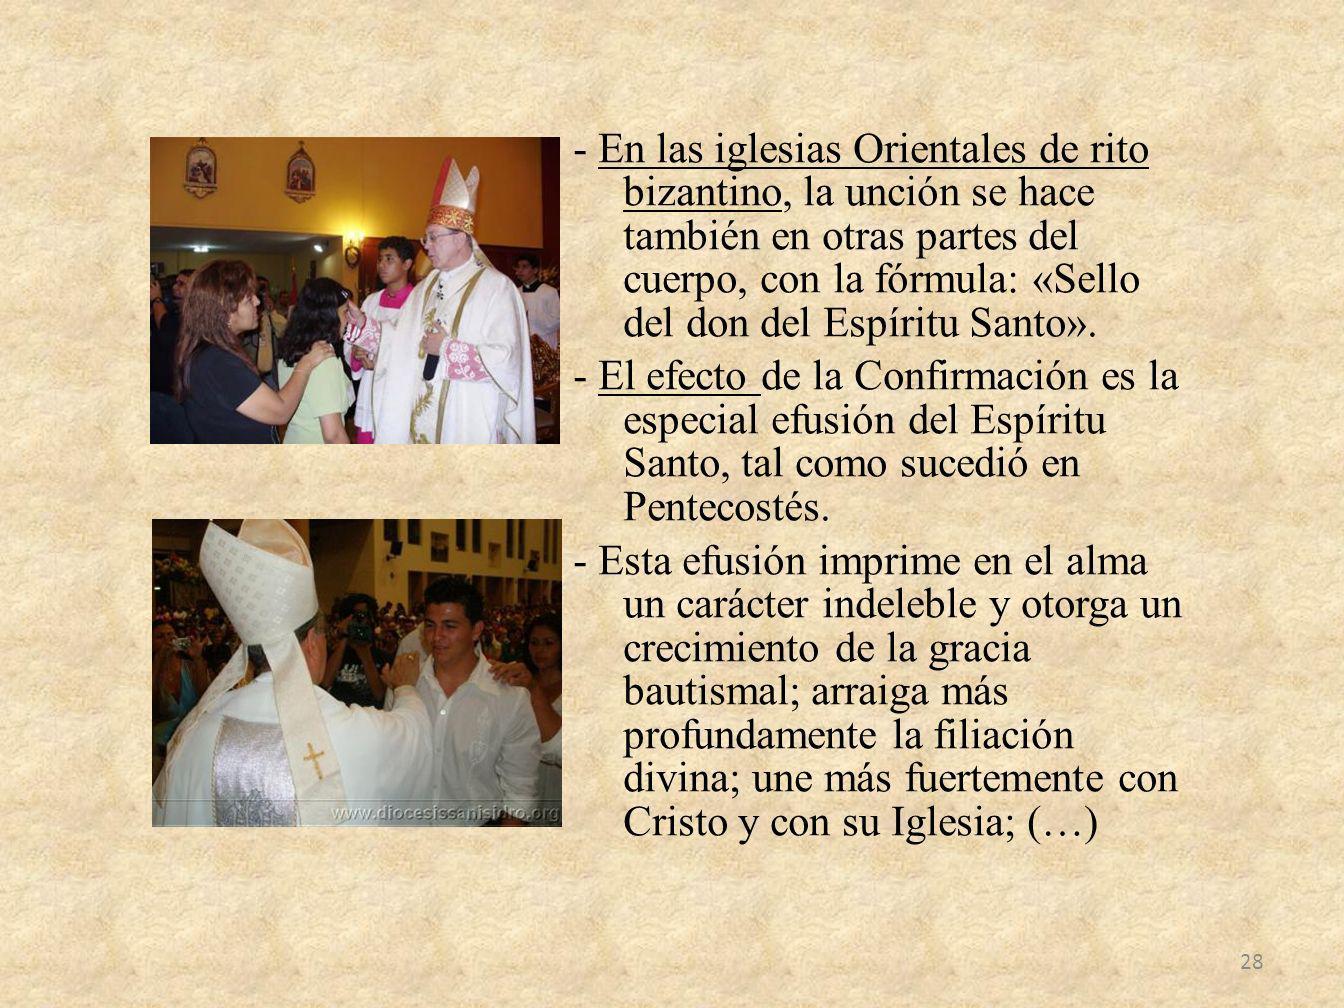 - En las iglesias Orientales de rito bizantino, la unción se hace también en otras partes del cuerpo, con la fórmula: «Sello del don del Espíritu Santo».